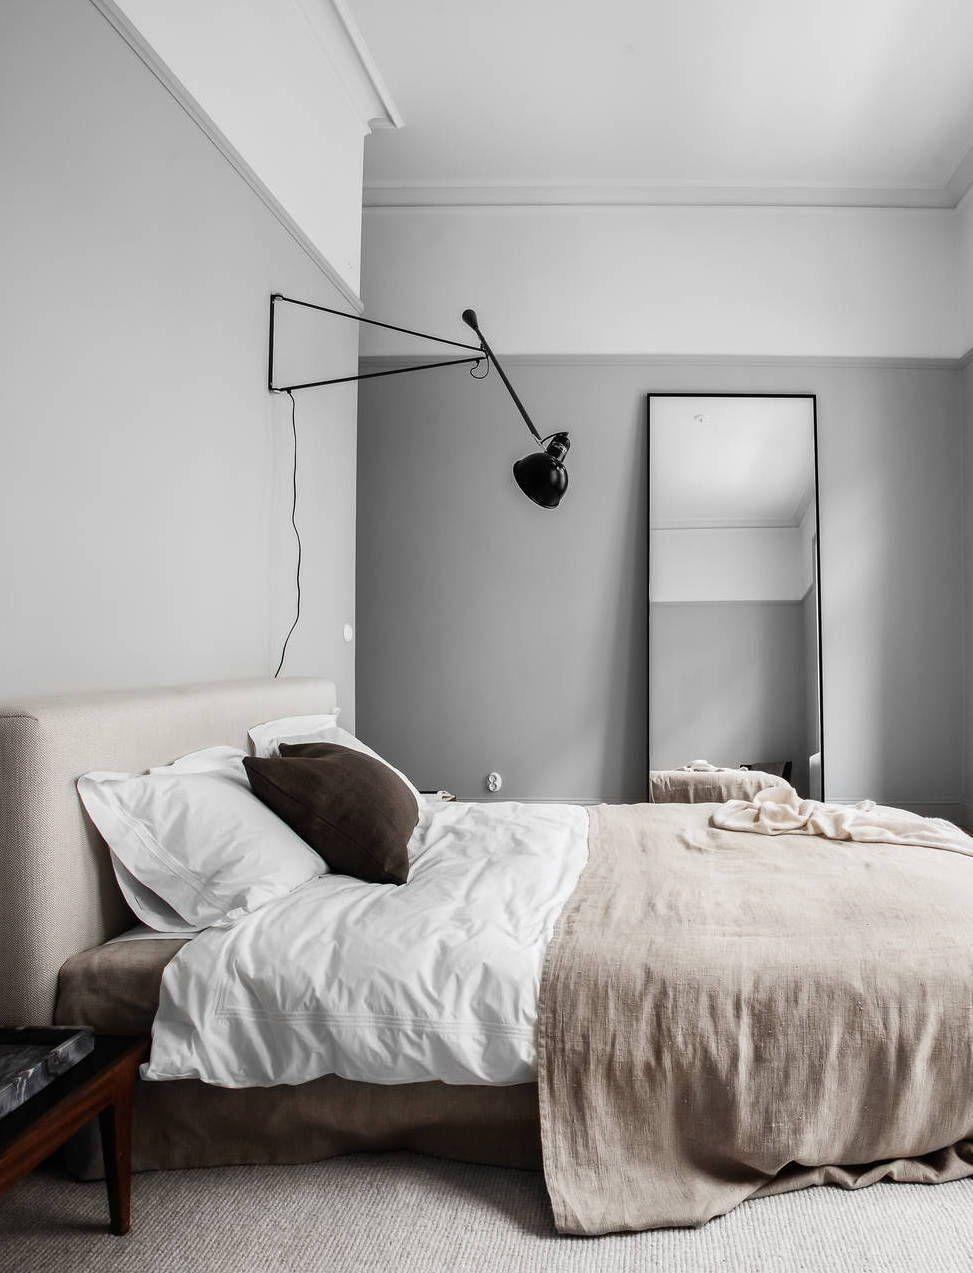 Warm home in grey via Coco